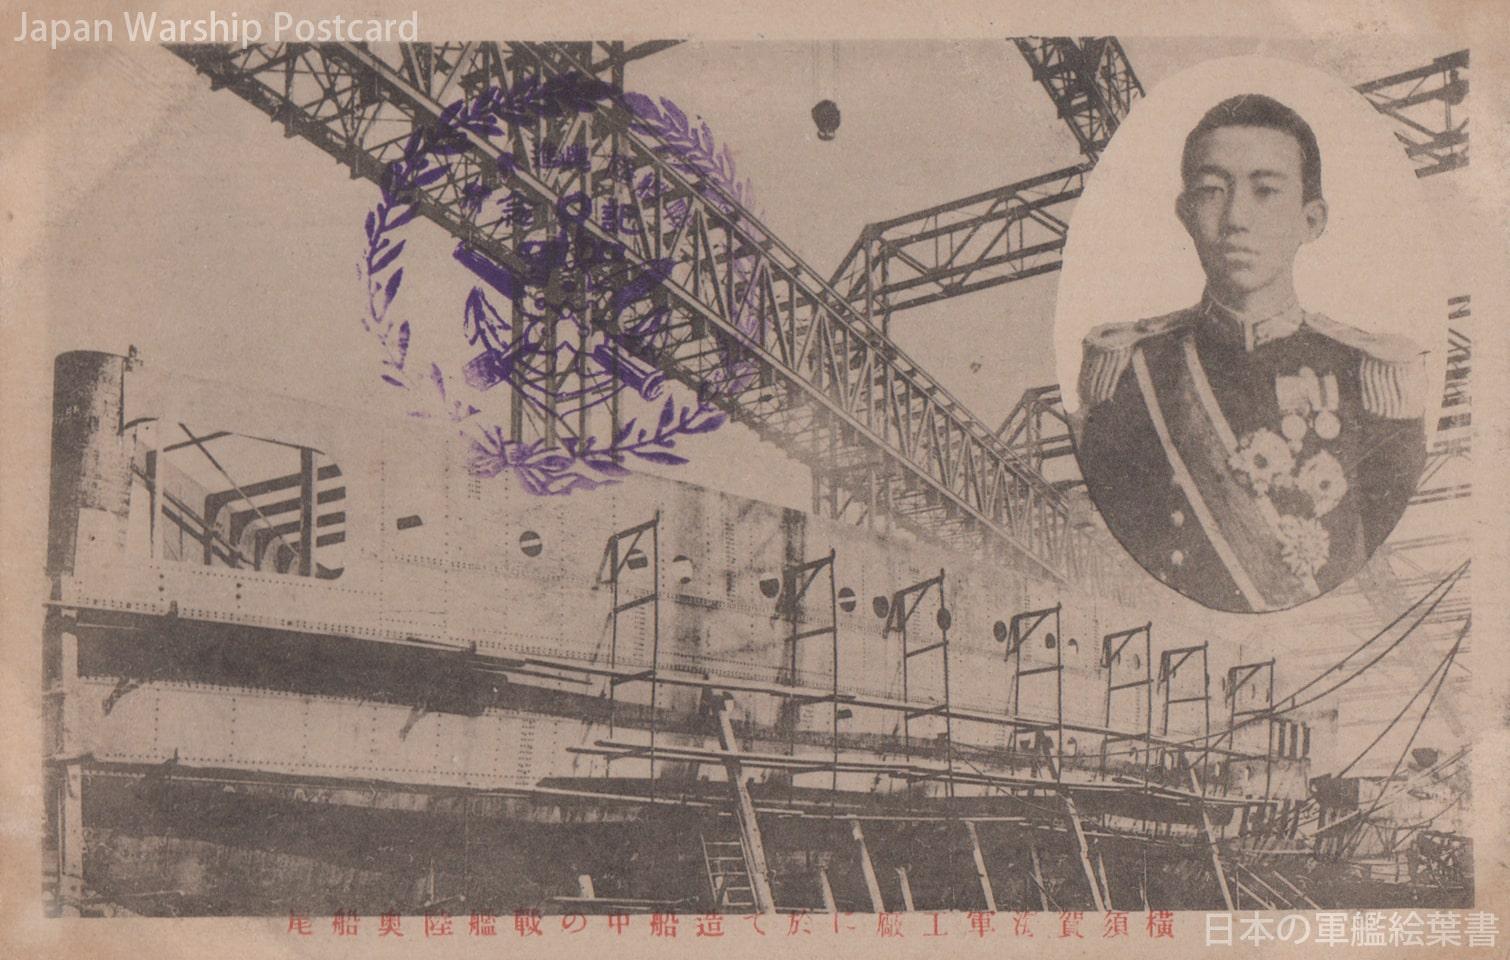 横須賀海軍工廠に於て造船中の戦艦陸奥船尾